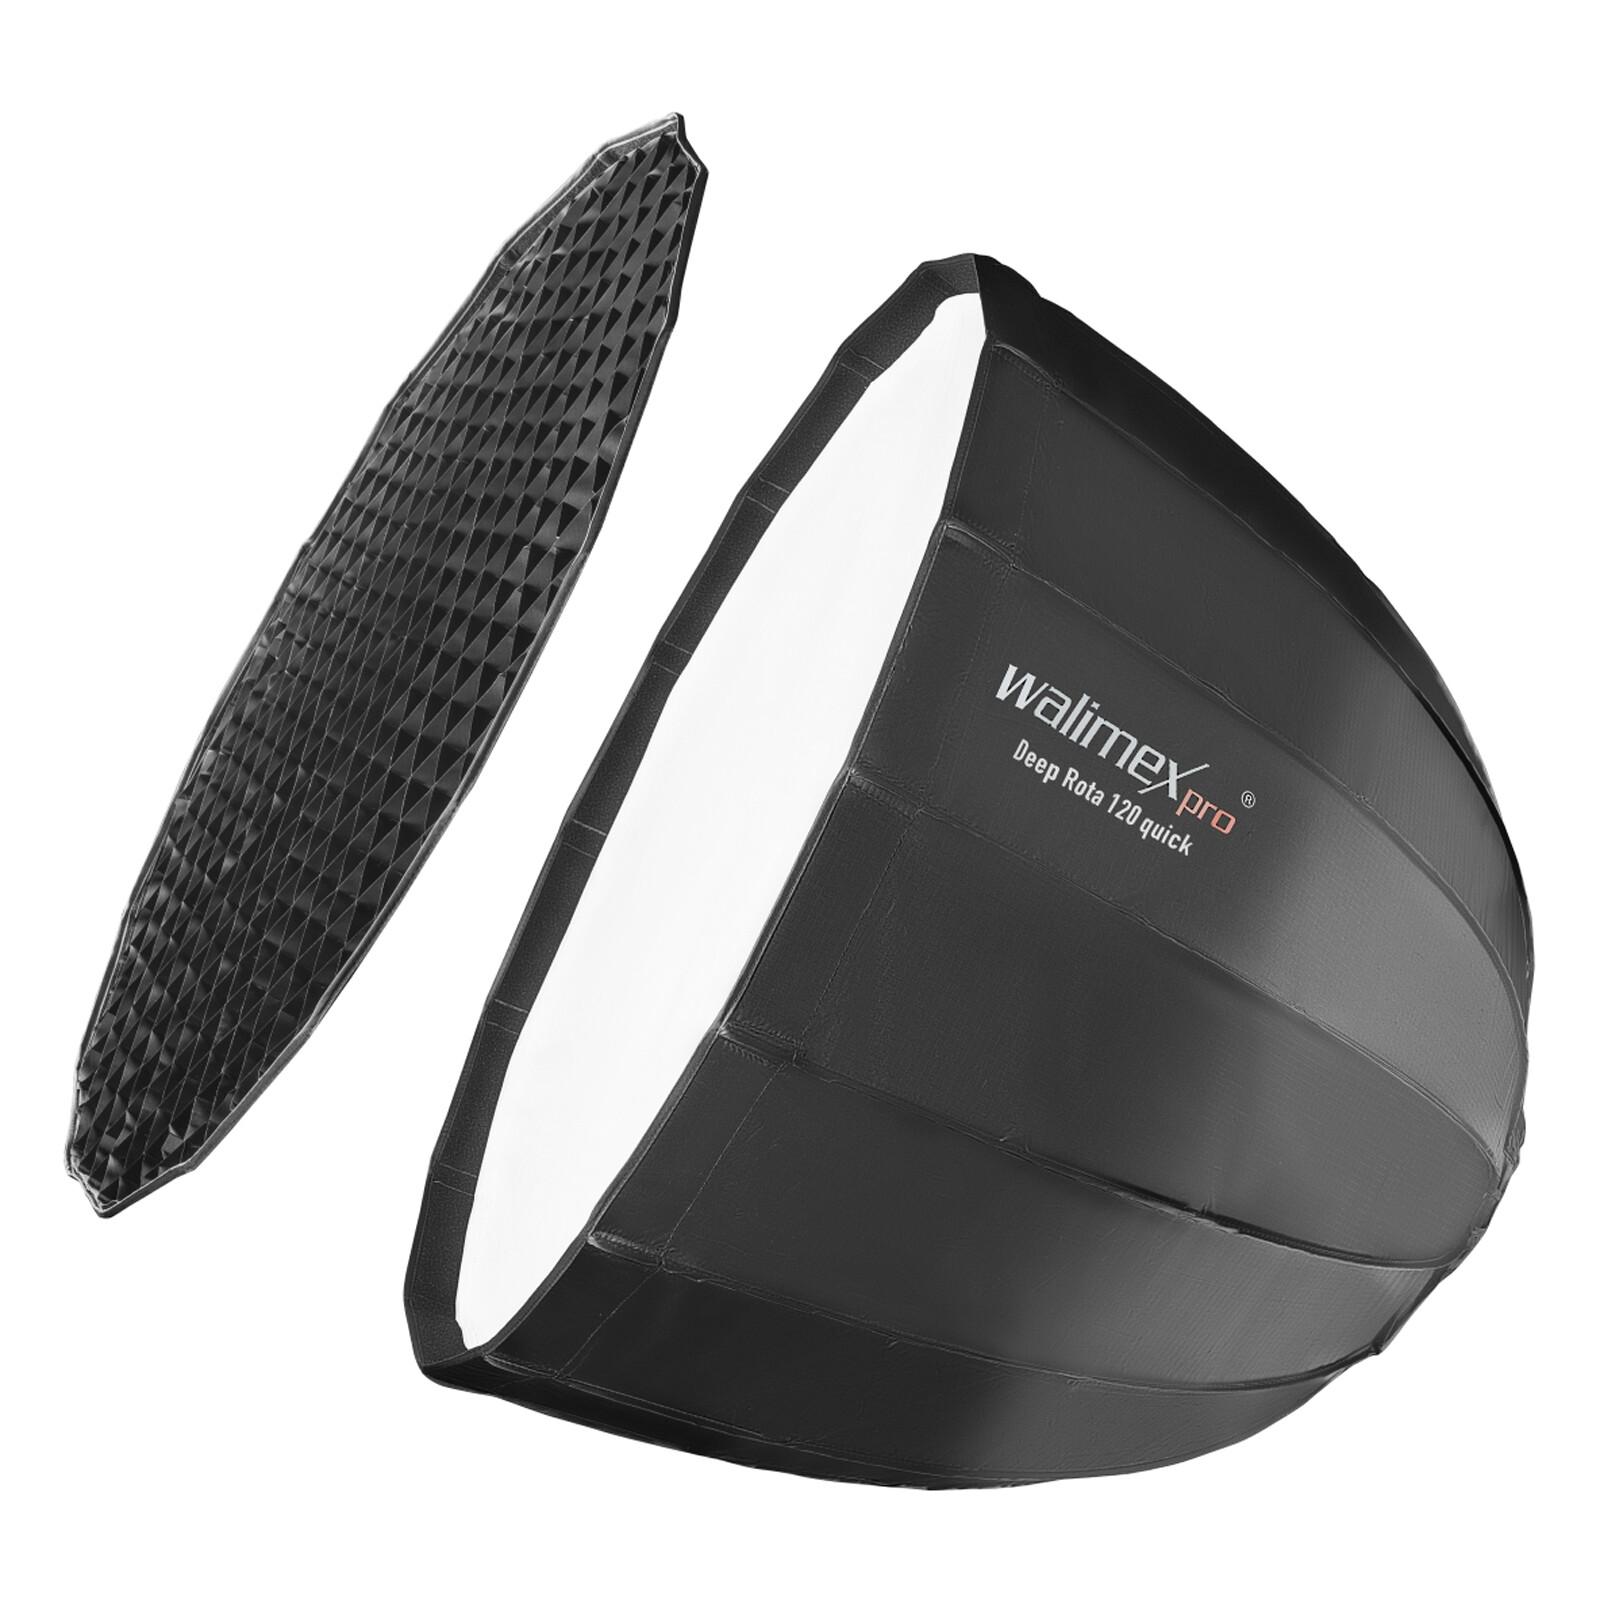 Walimex pro Studio Line Deep Rota Softbox QA120 Multiblitz V